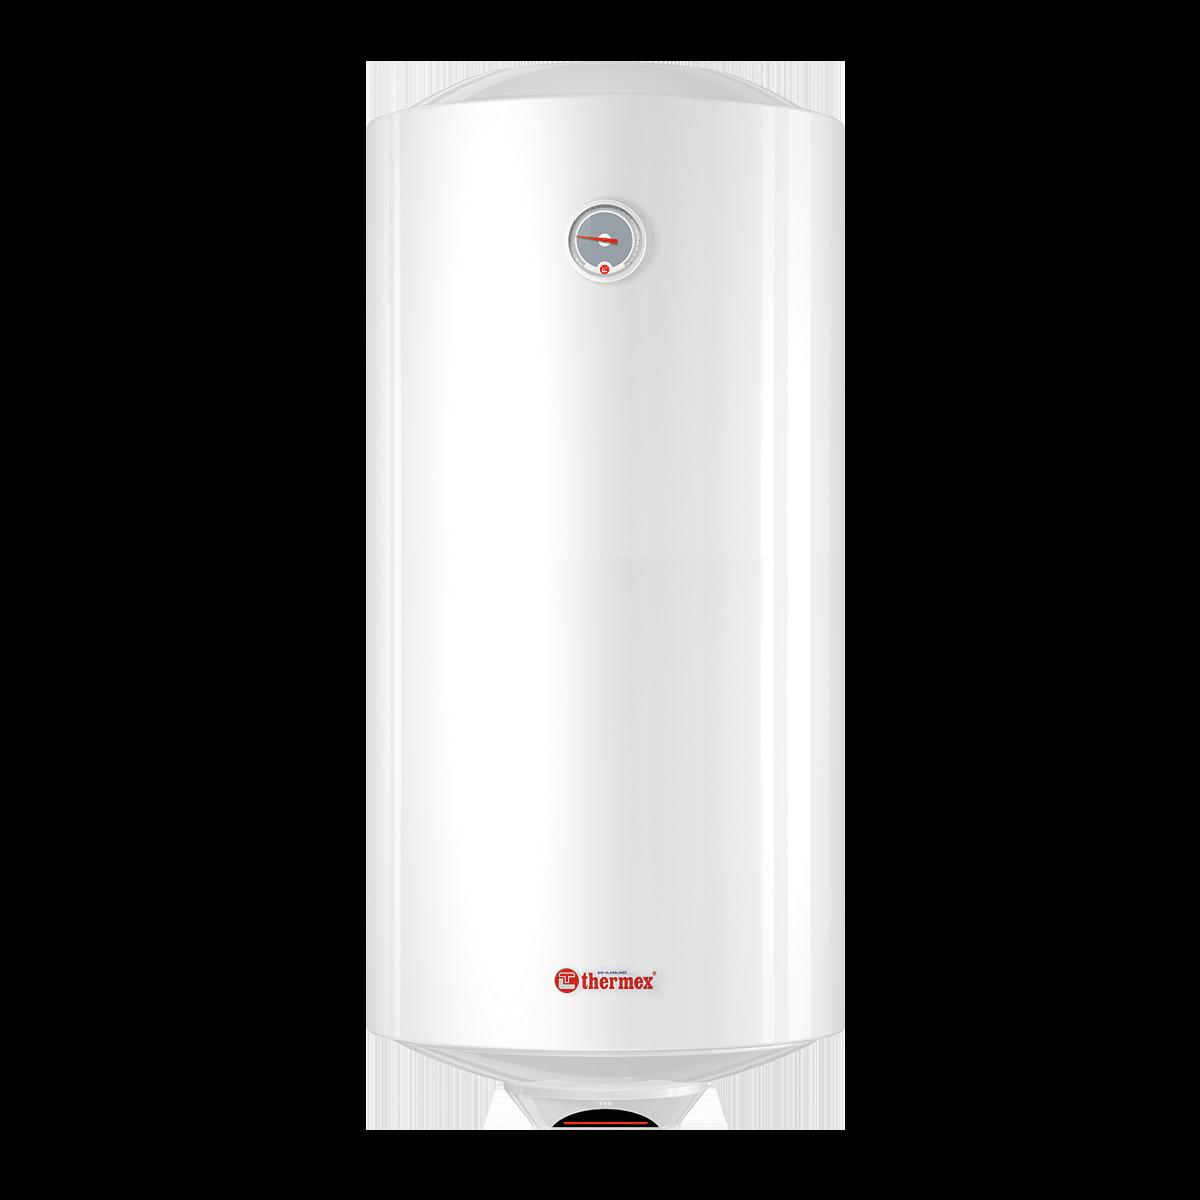 Какой фирмы накопительный водонагреватель является лучшим?